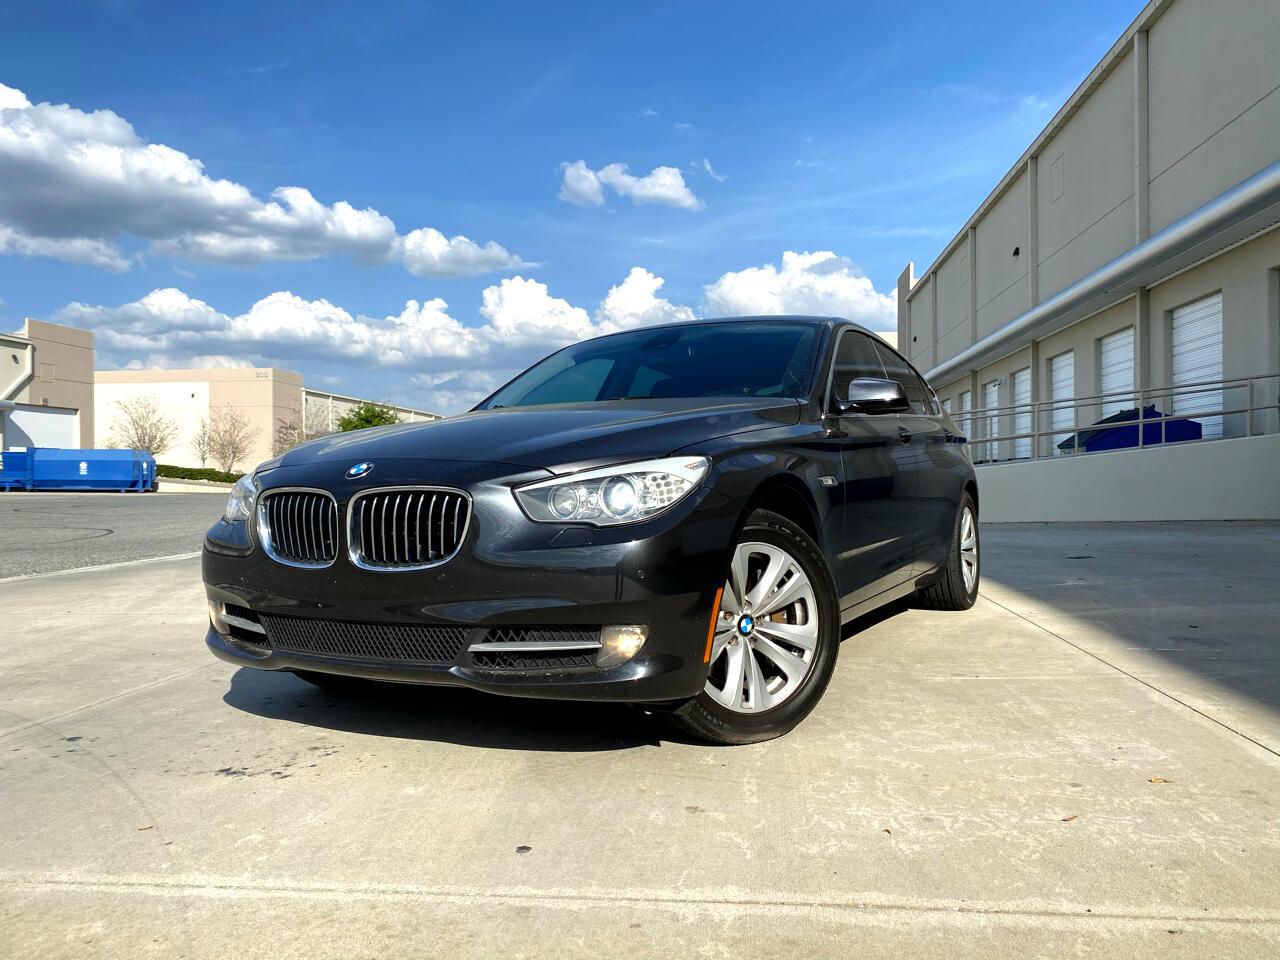 BMW 5 Series Gran Turismo 5dr 535i Gran Turismo RWD 2010